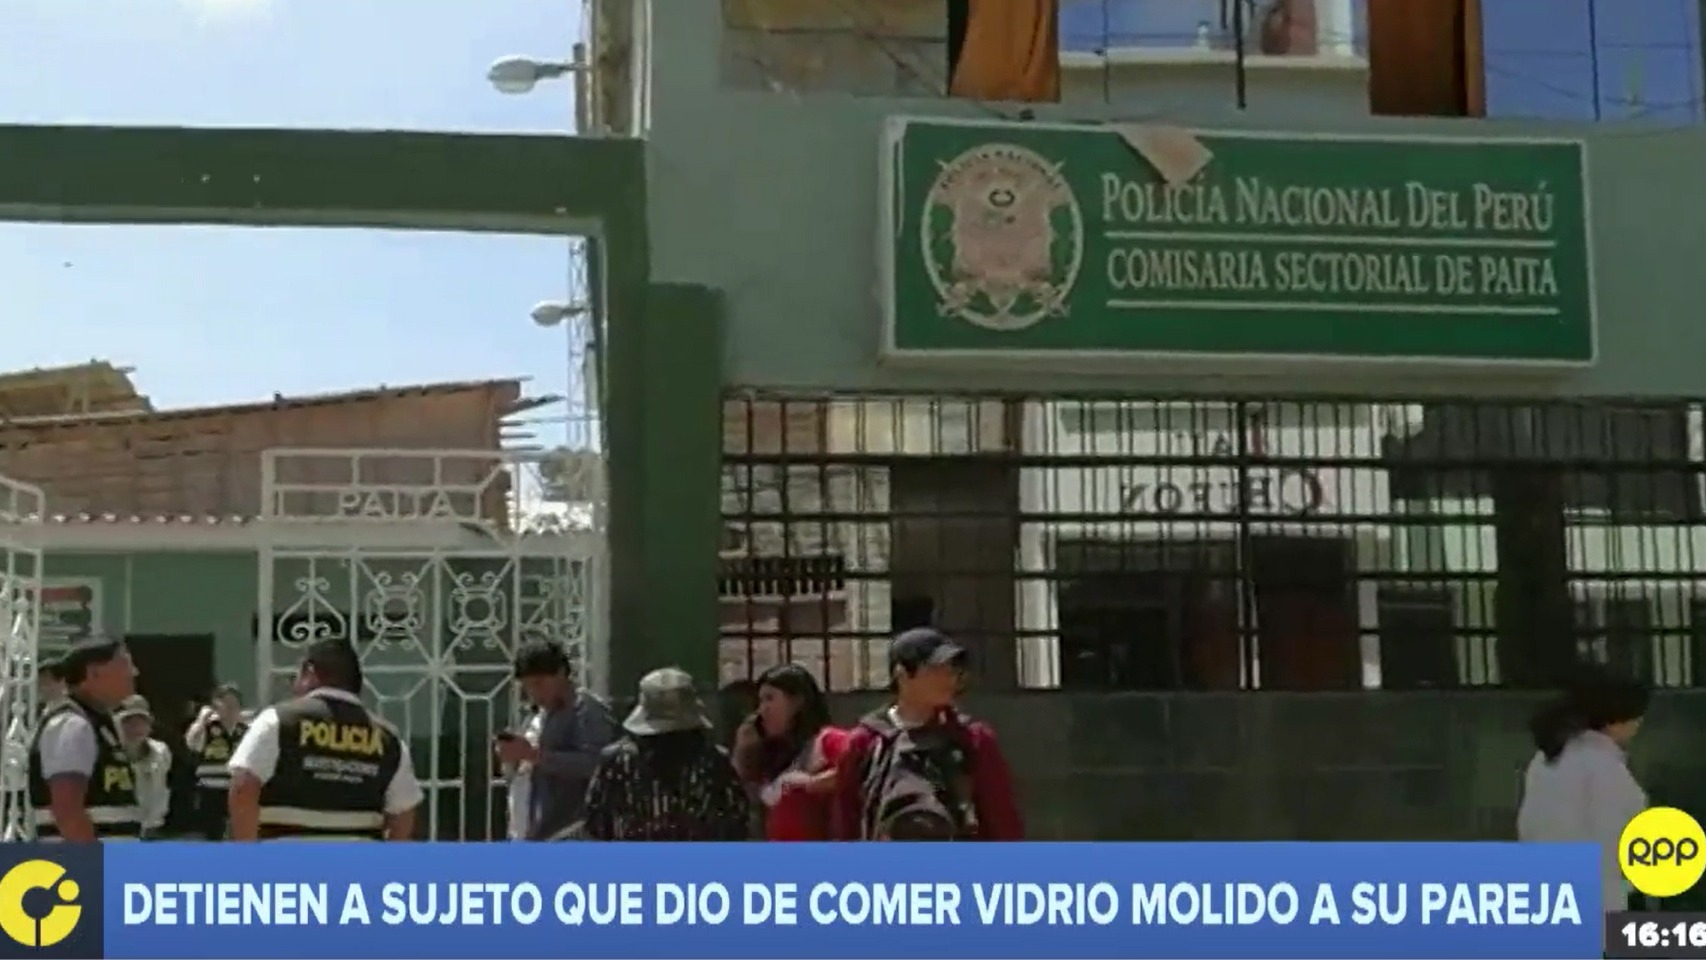 Sujeto fue detenido  llevado a la comisaría de Paita